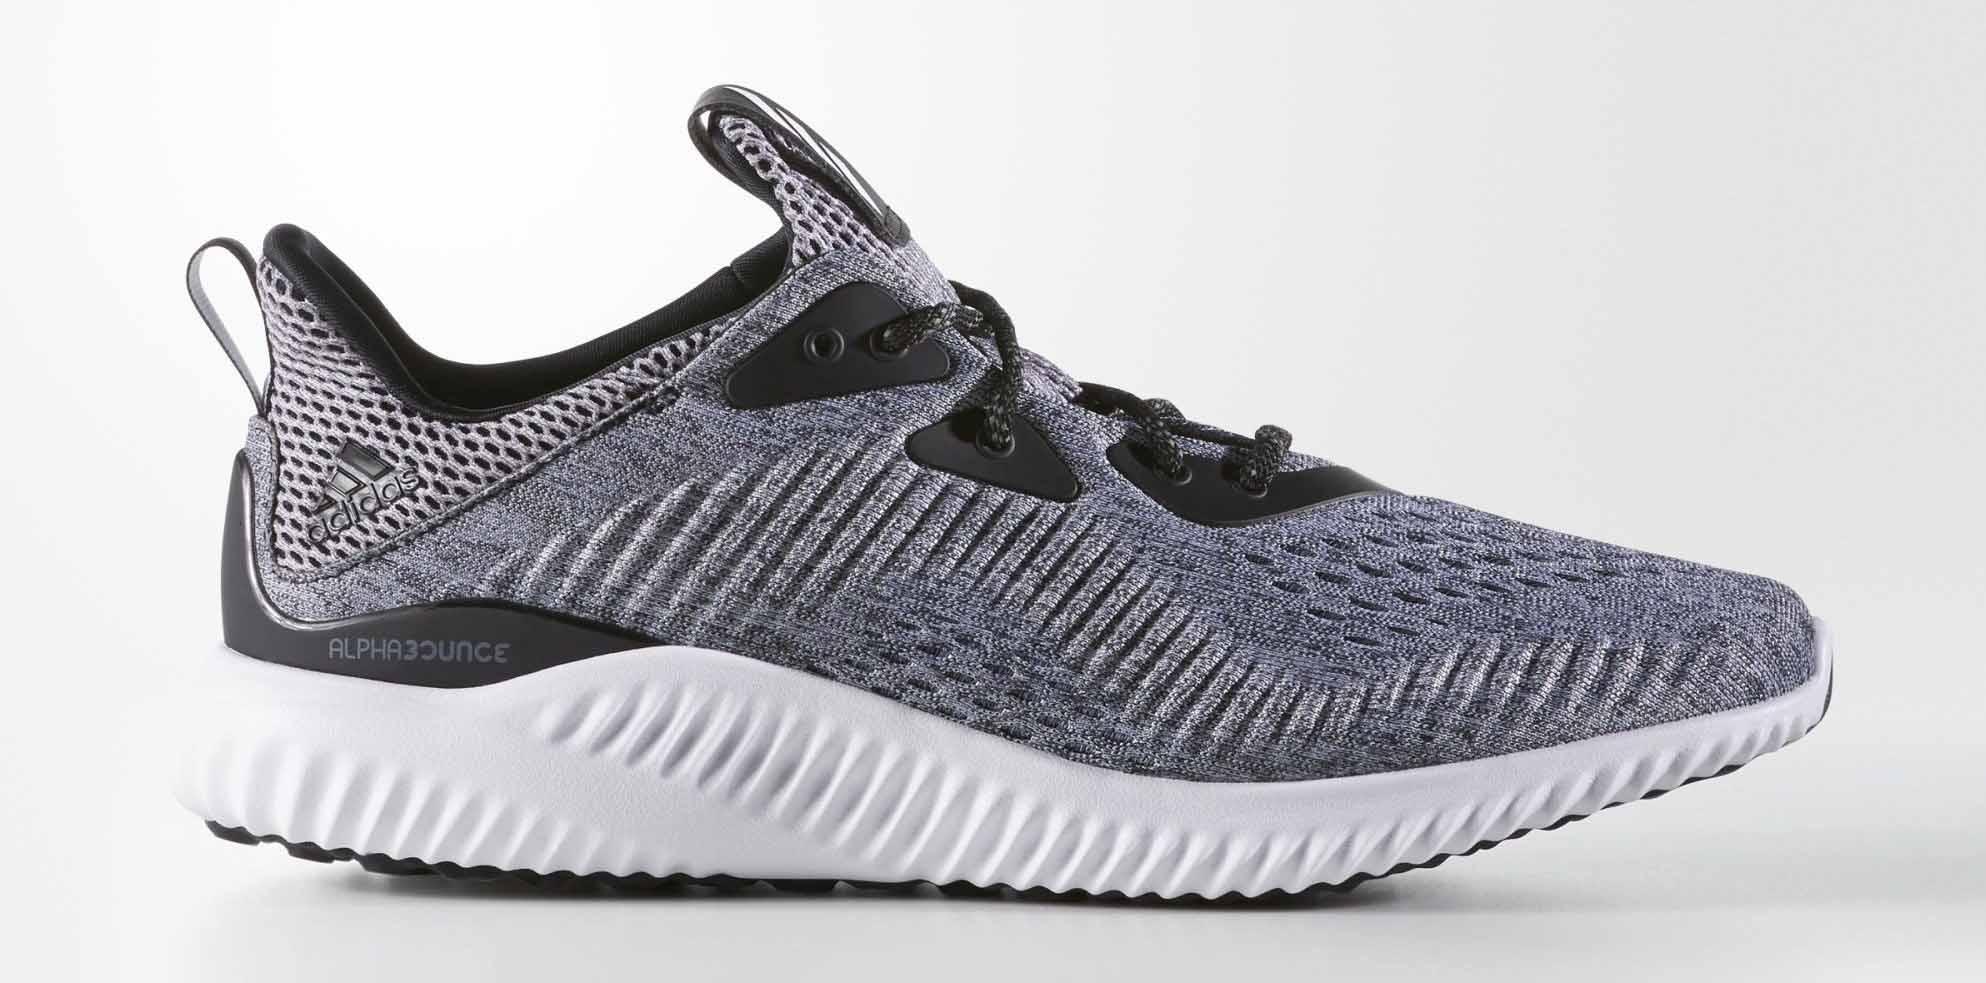 alpfabounce_adidas